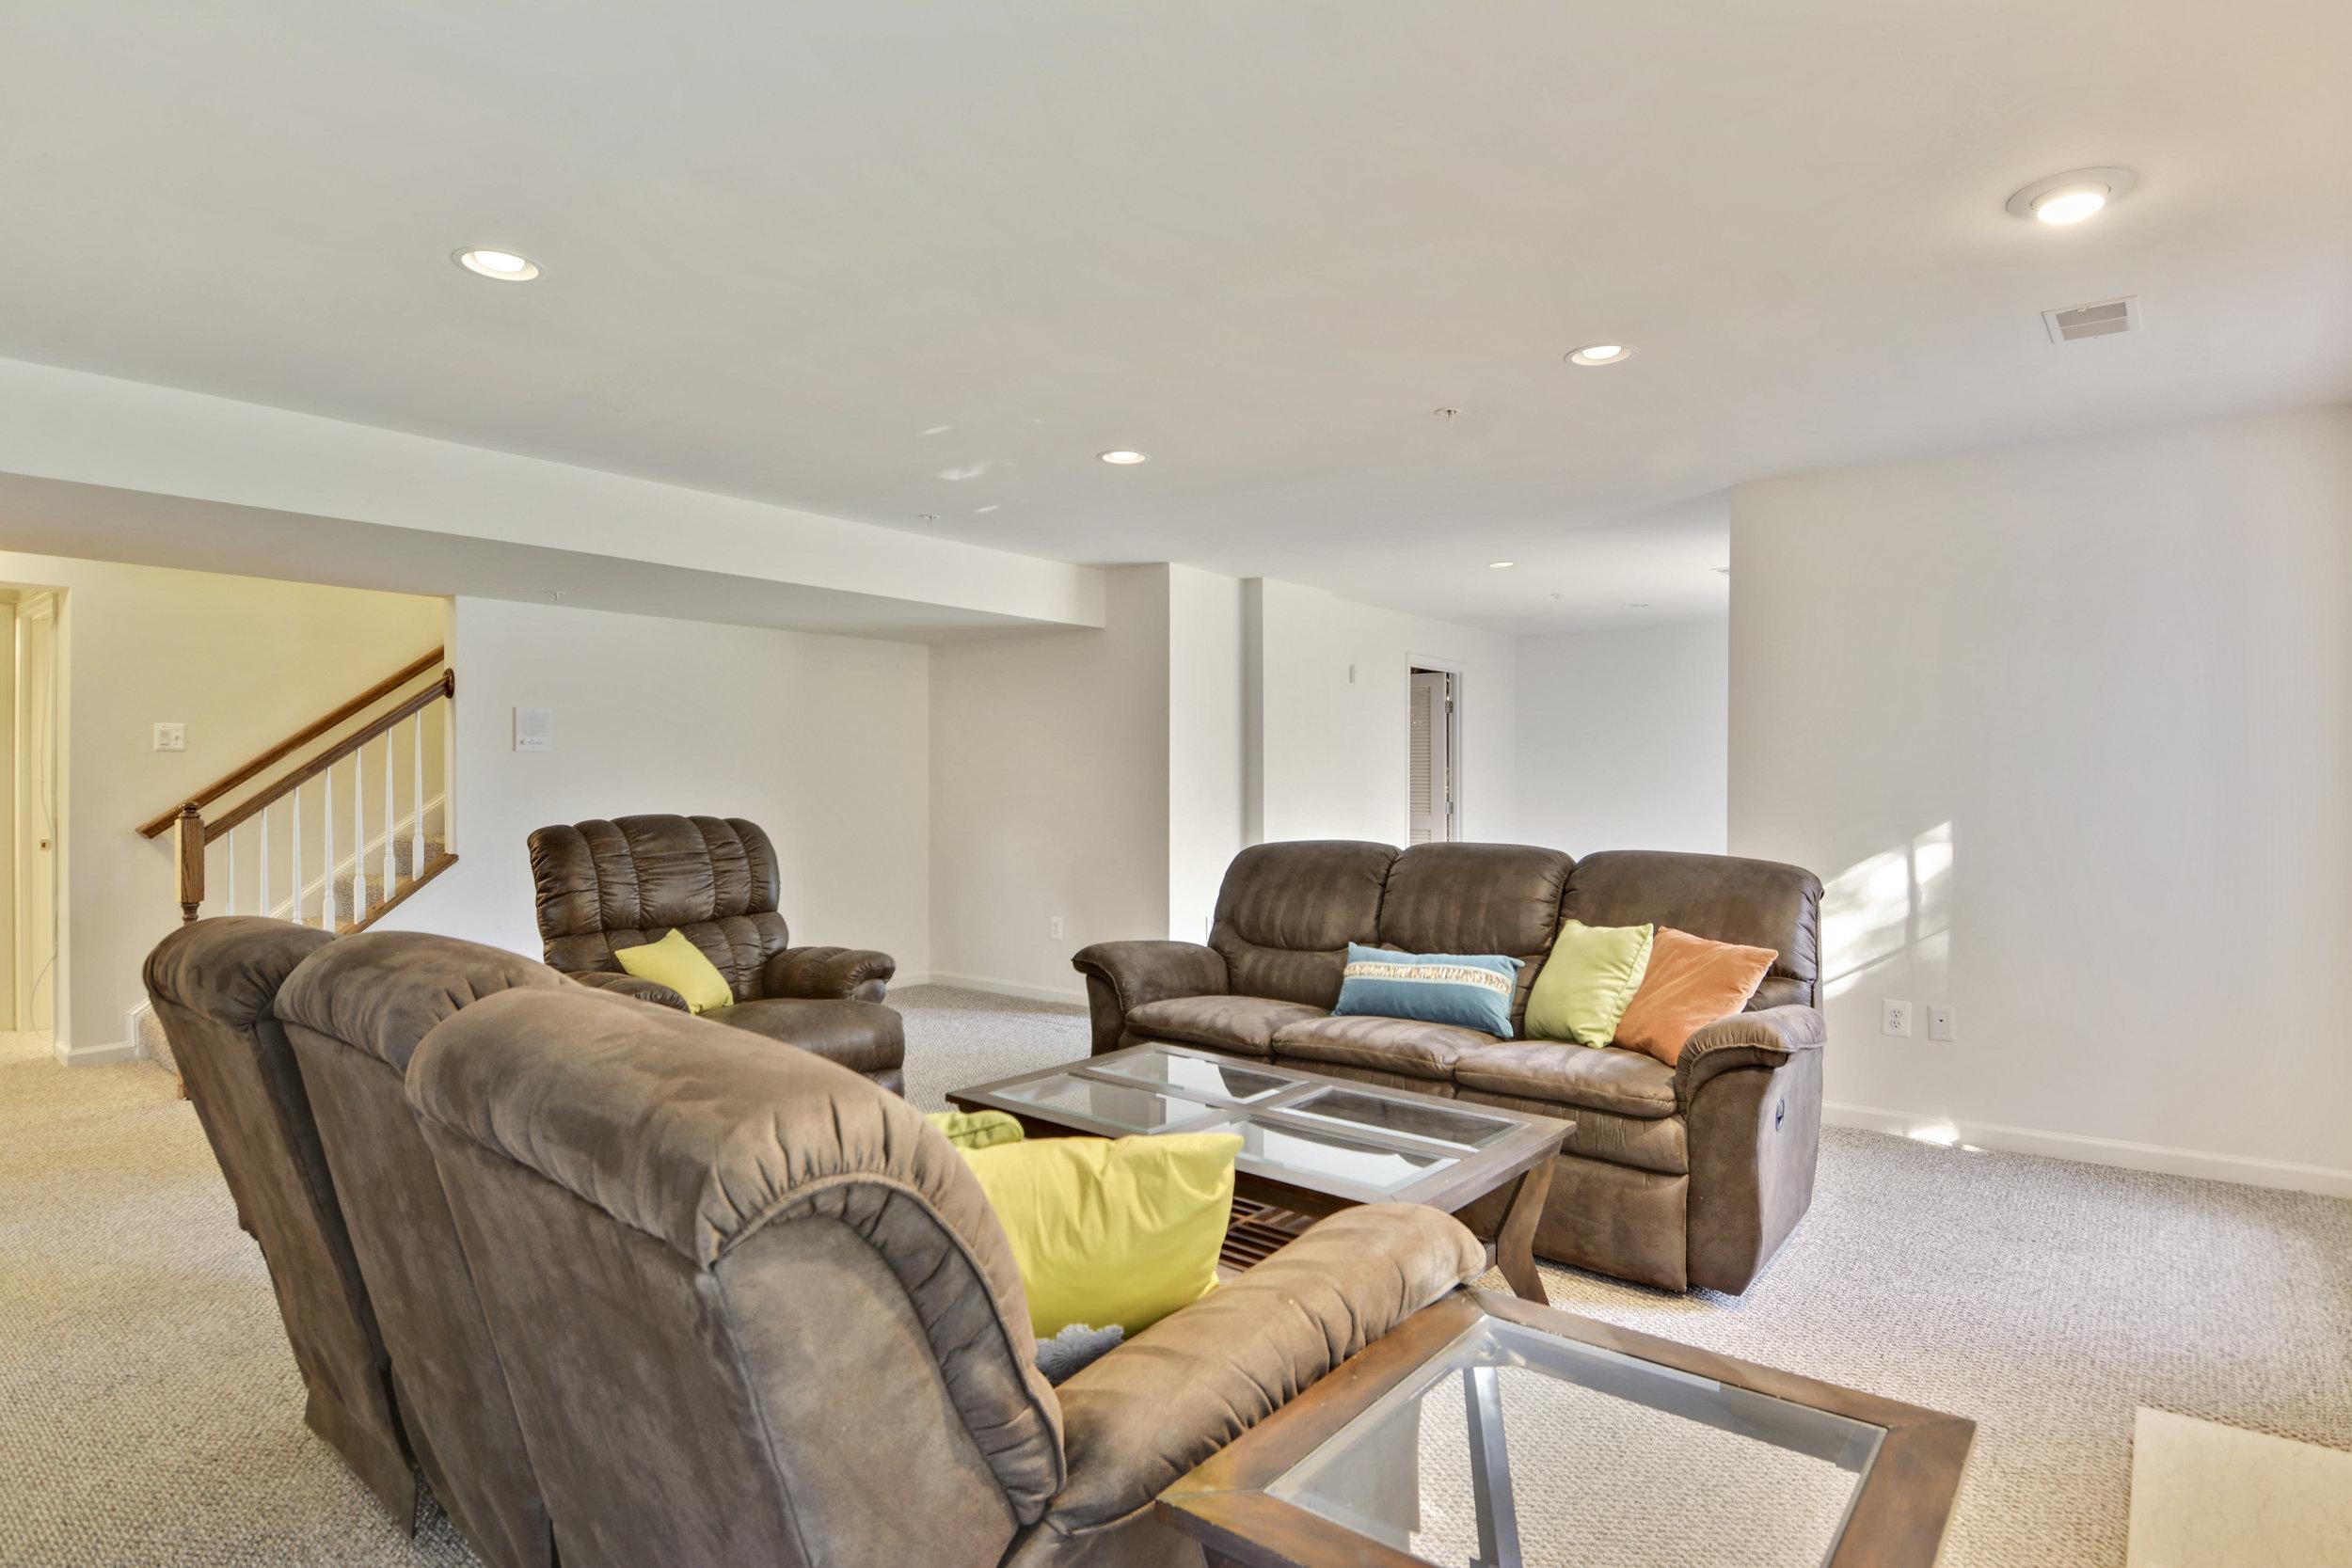 Lower Level-Living Room-_DSC3270.JPG